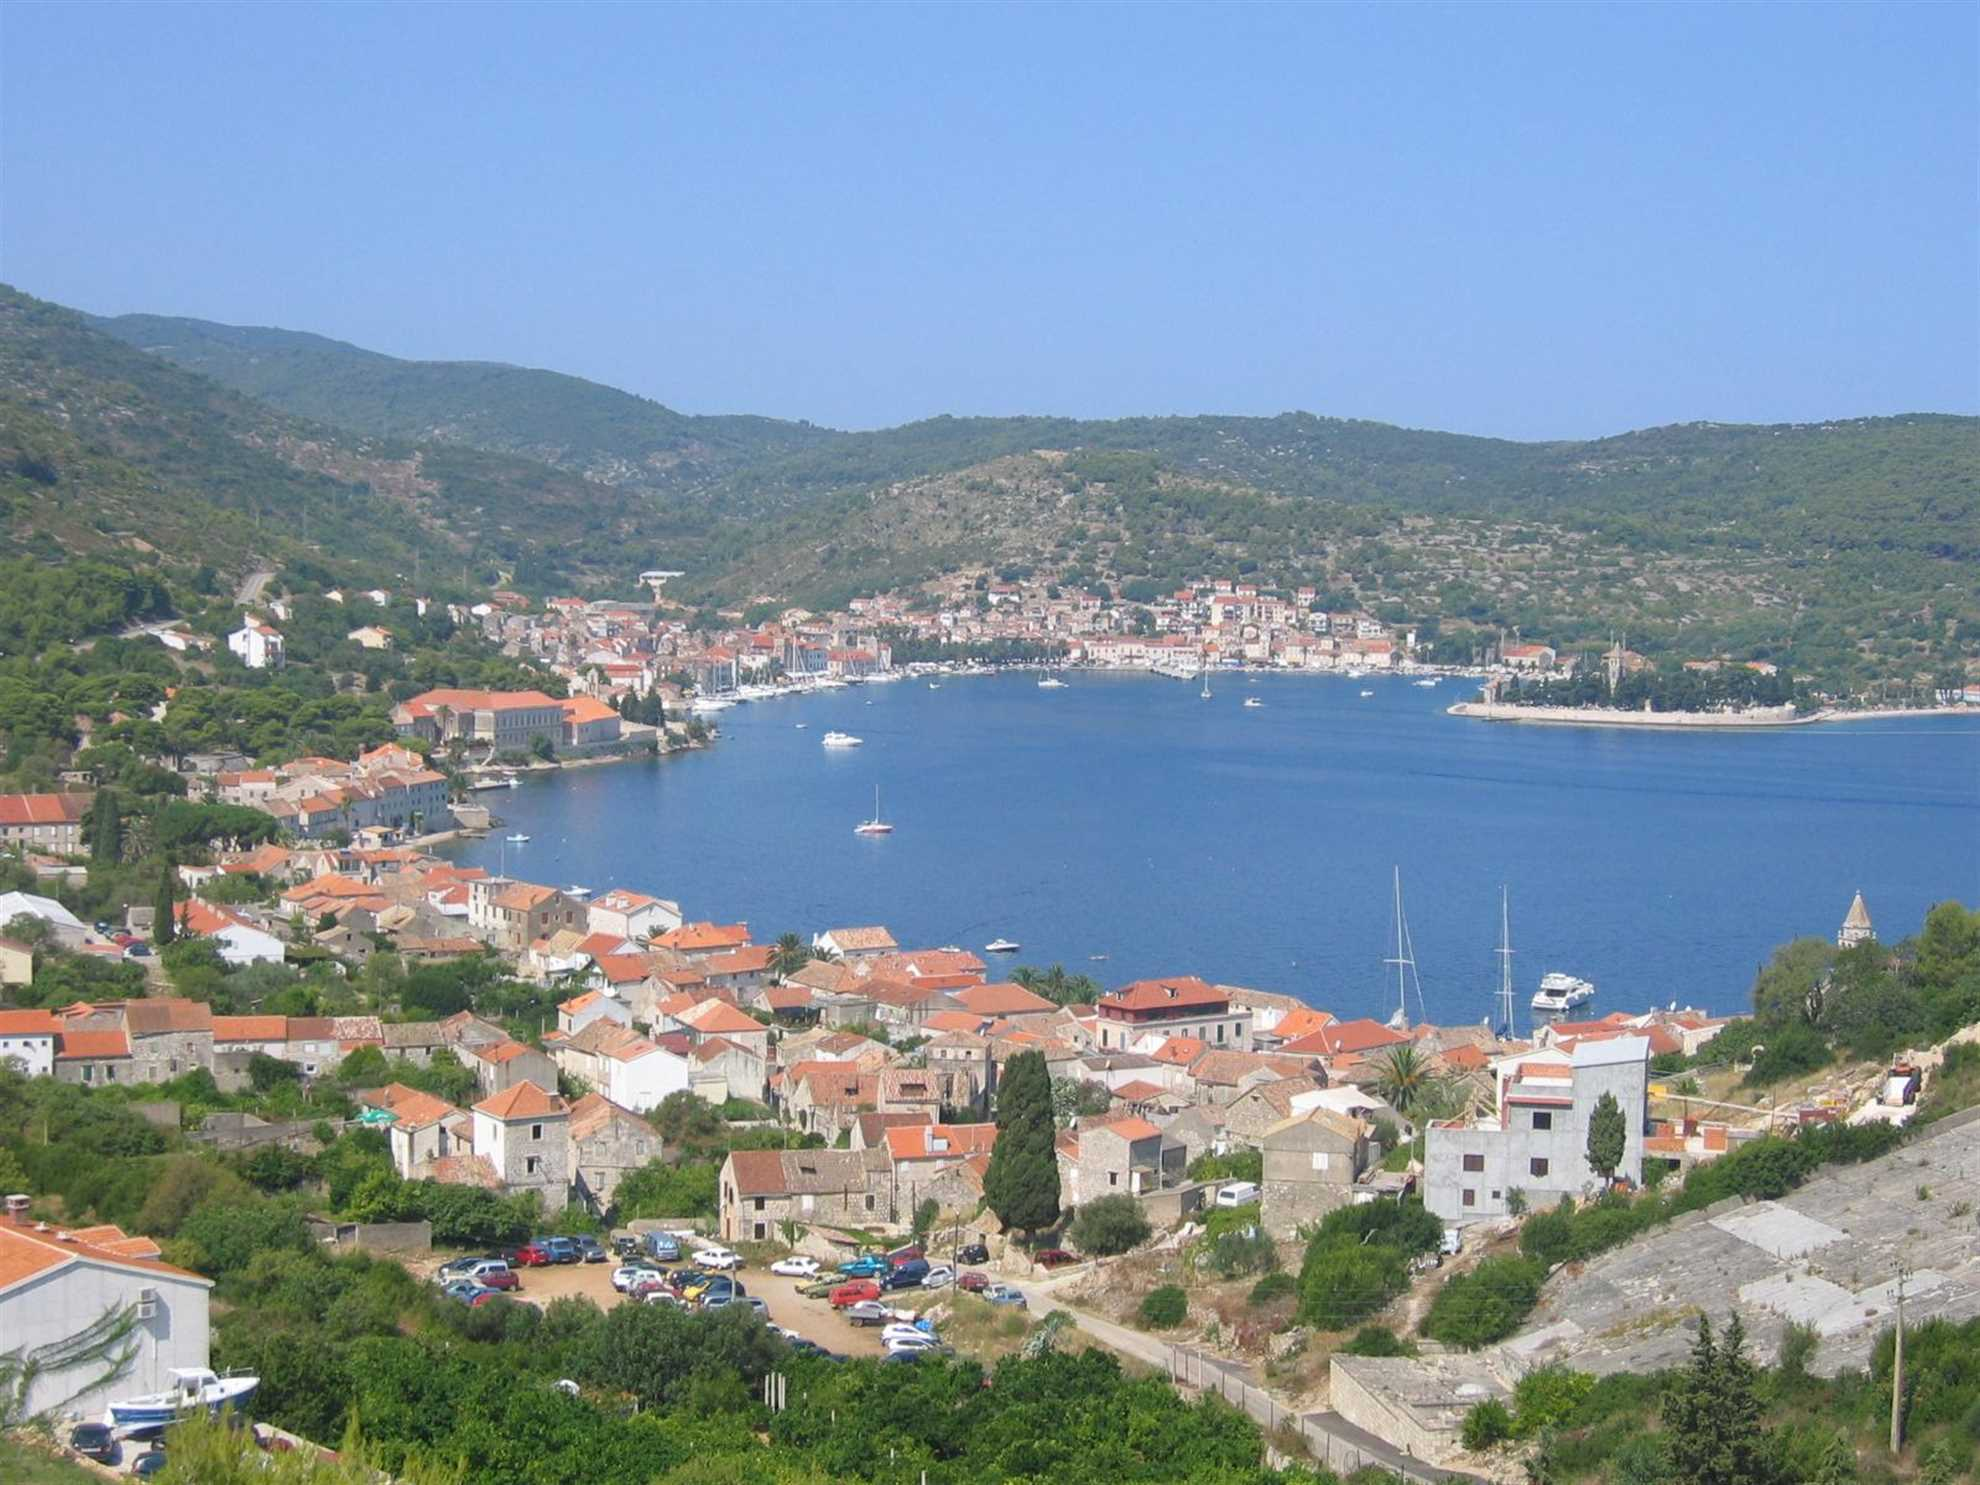 Insel Vis, Dalmatien, Kroatien